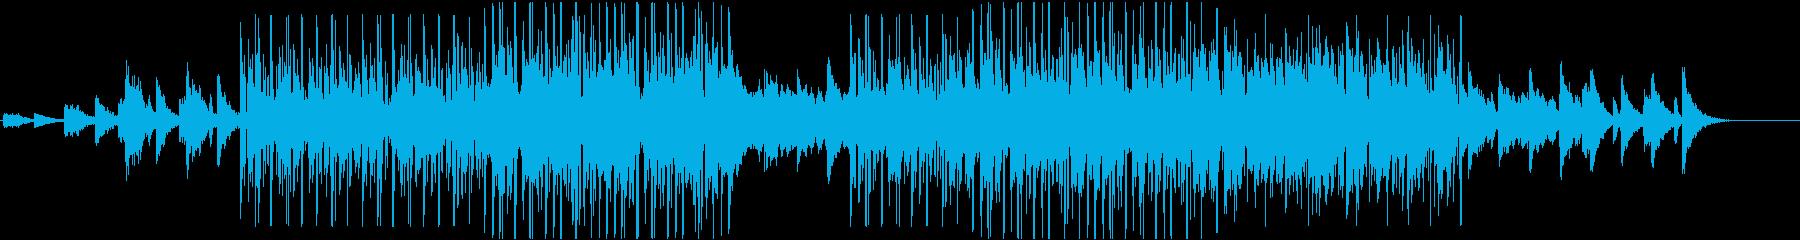 洋楽 チルアウト ヒップホップトラック✌の再生済みの波形